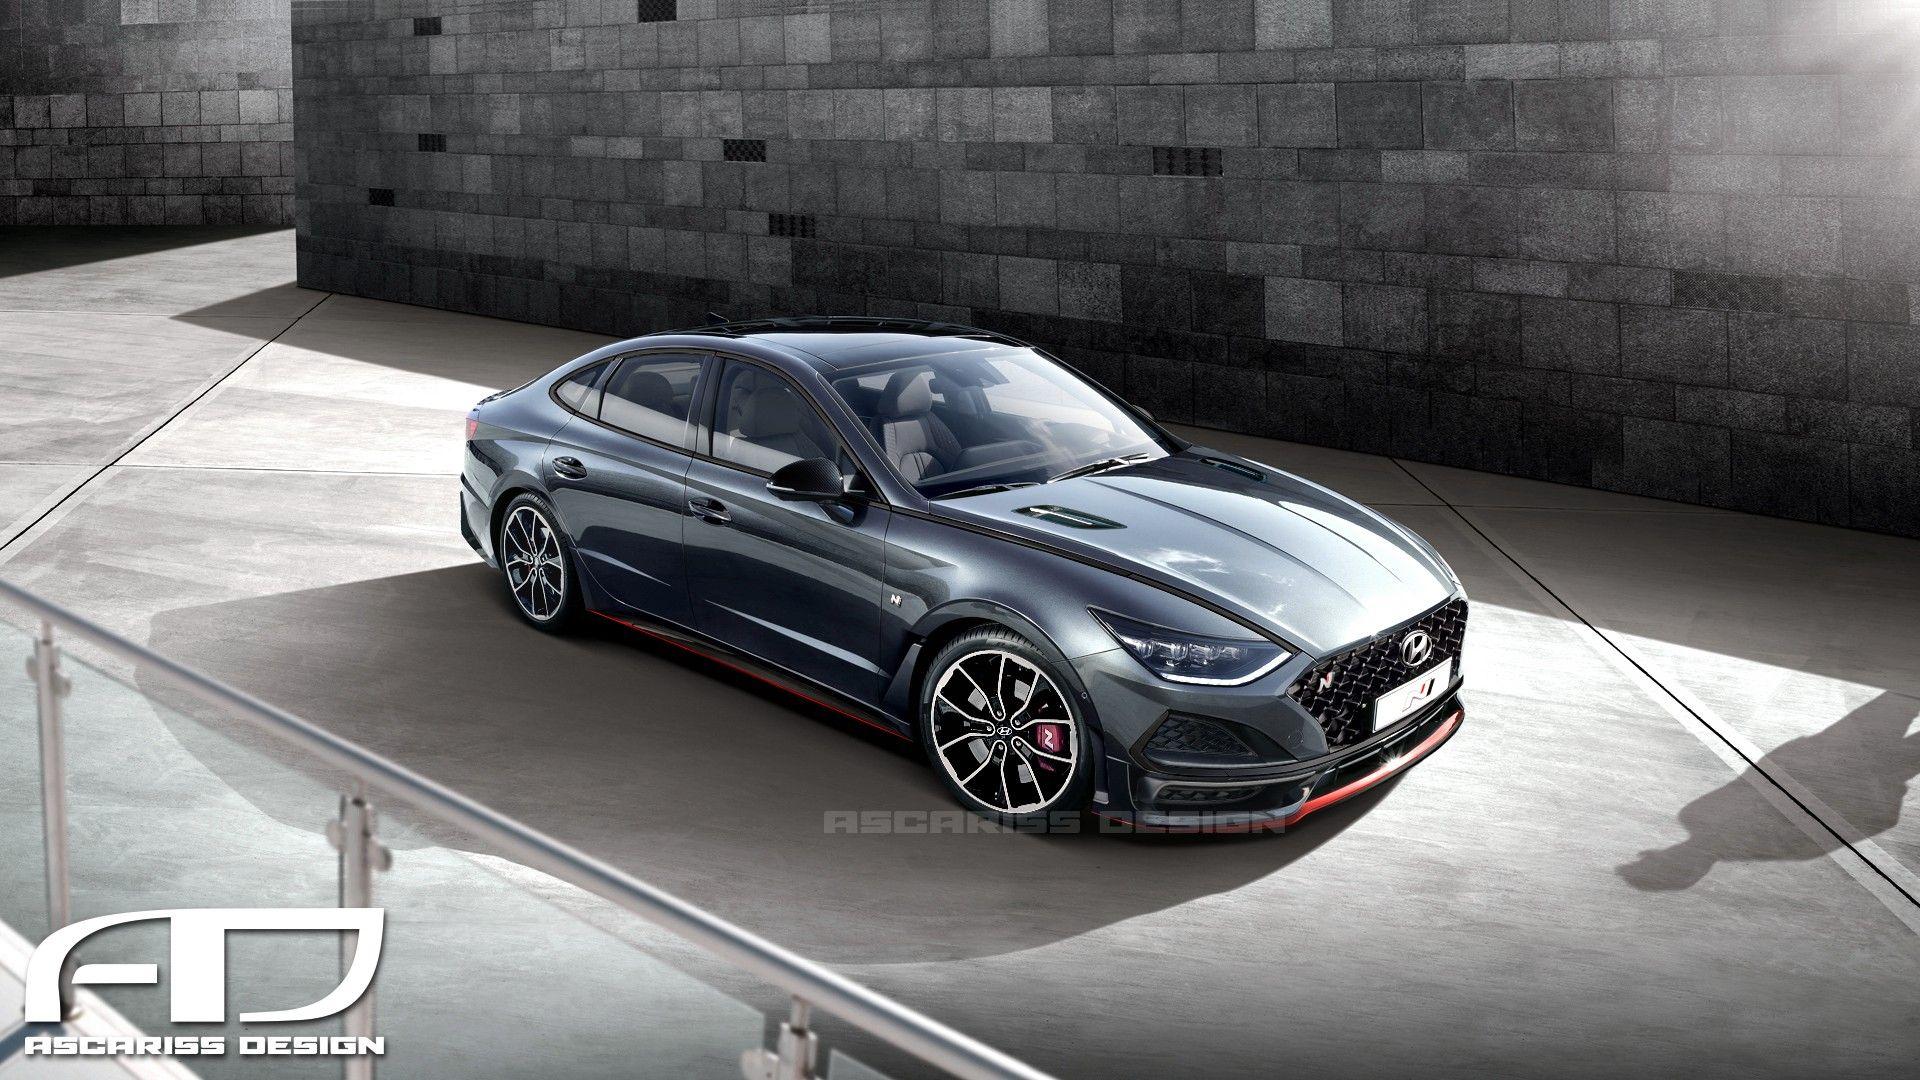 Hyundai Confirms High Performance Sonata N Line With 275 Horse